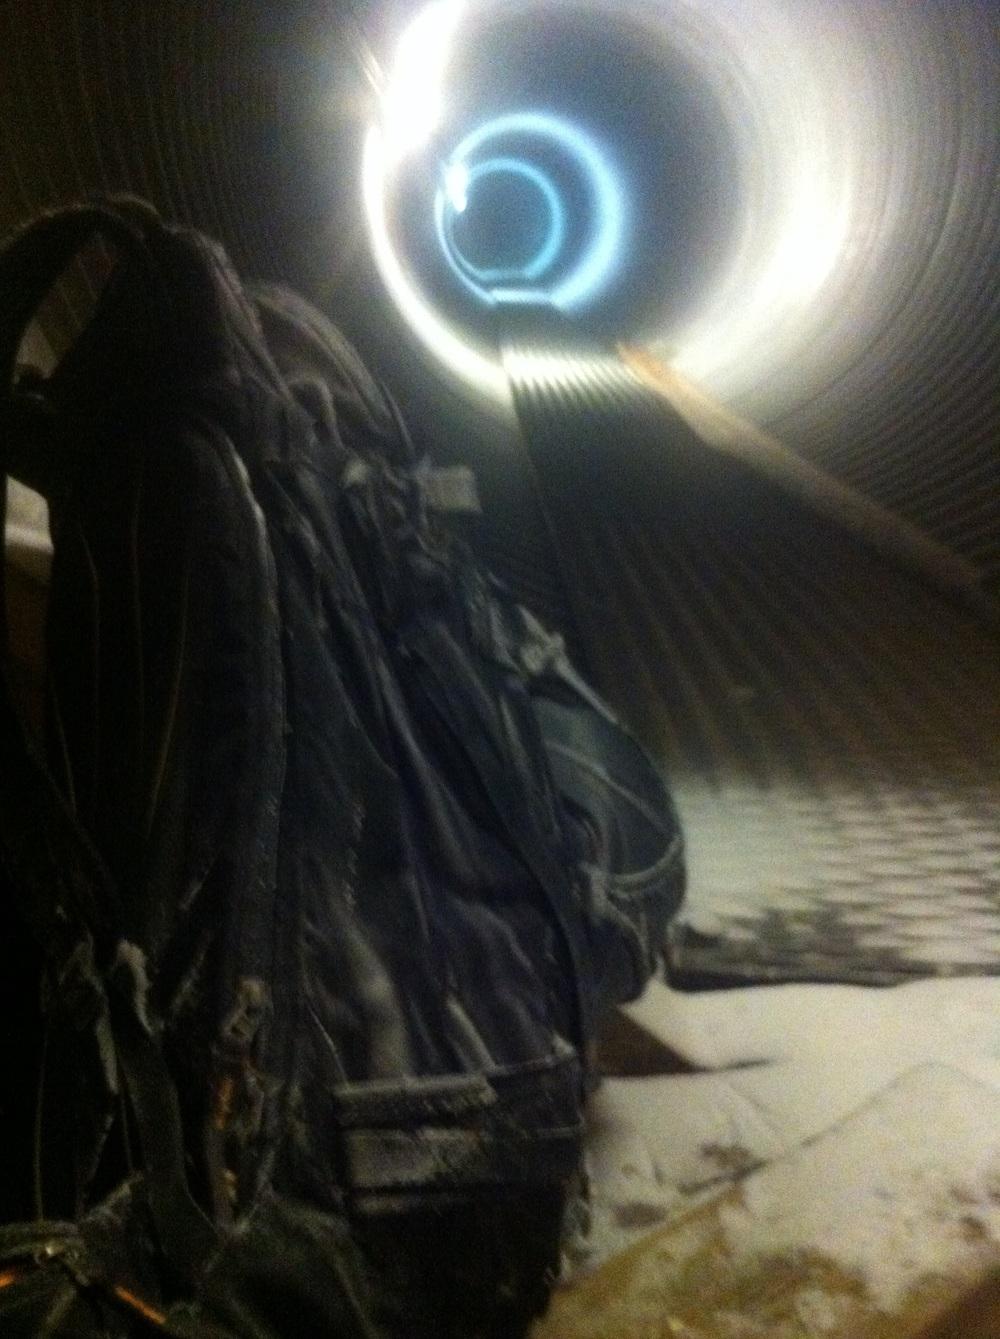 Og dette er inne i hytta. Veldig spesiell hytte. (a) uten å vite for sikkert så tror jeg dette røret fører til grunnmuren av den store anntennen (som Reinsfjellet er kjent for) for vedlikehold mm. Med første øyekast trodde jeg at hodet mitt var blitt så kaldt at jeg lagde fantasier og hallusinerte!